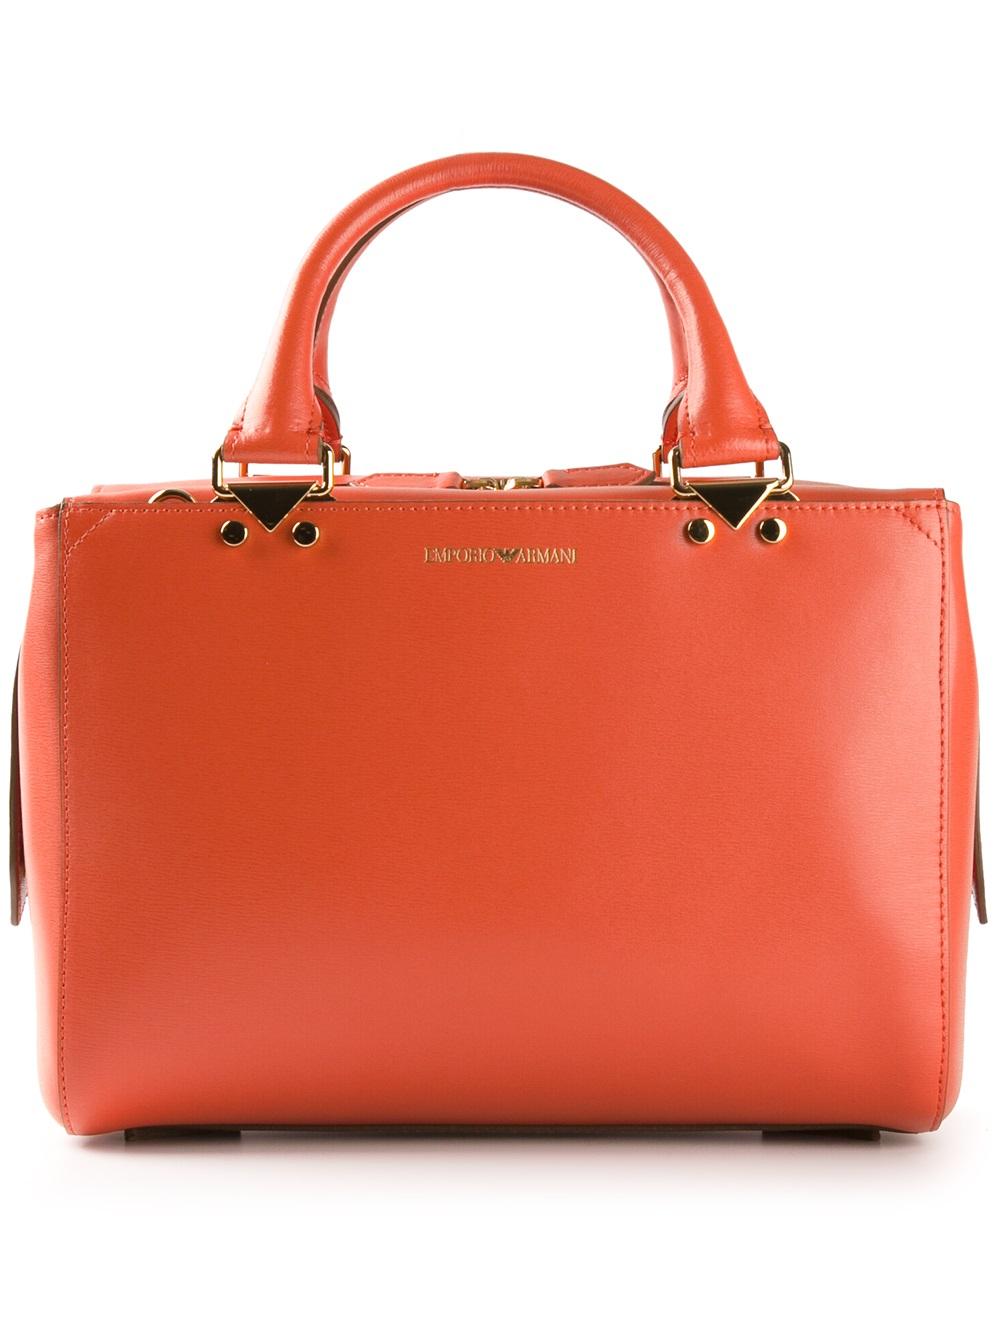 Emporio armani Classic Tote Bag in Orange | Lyst